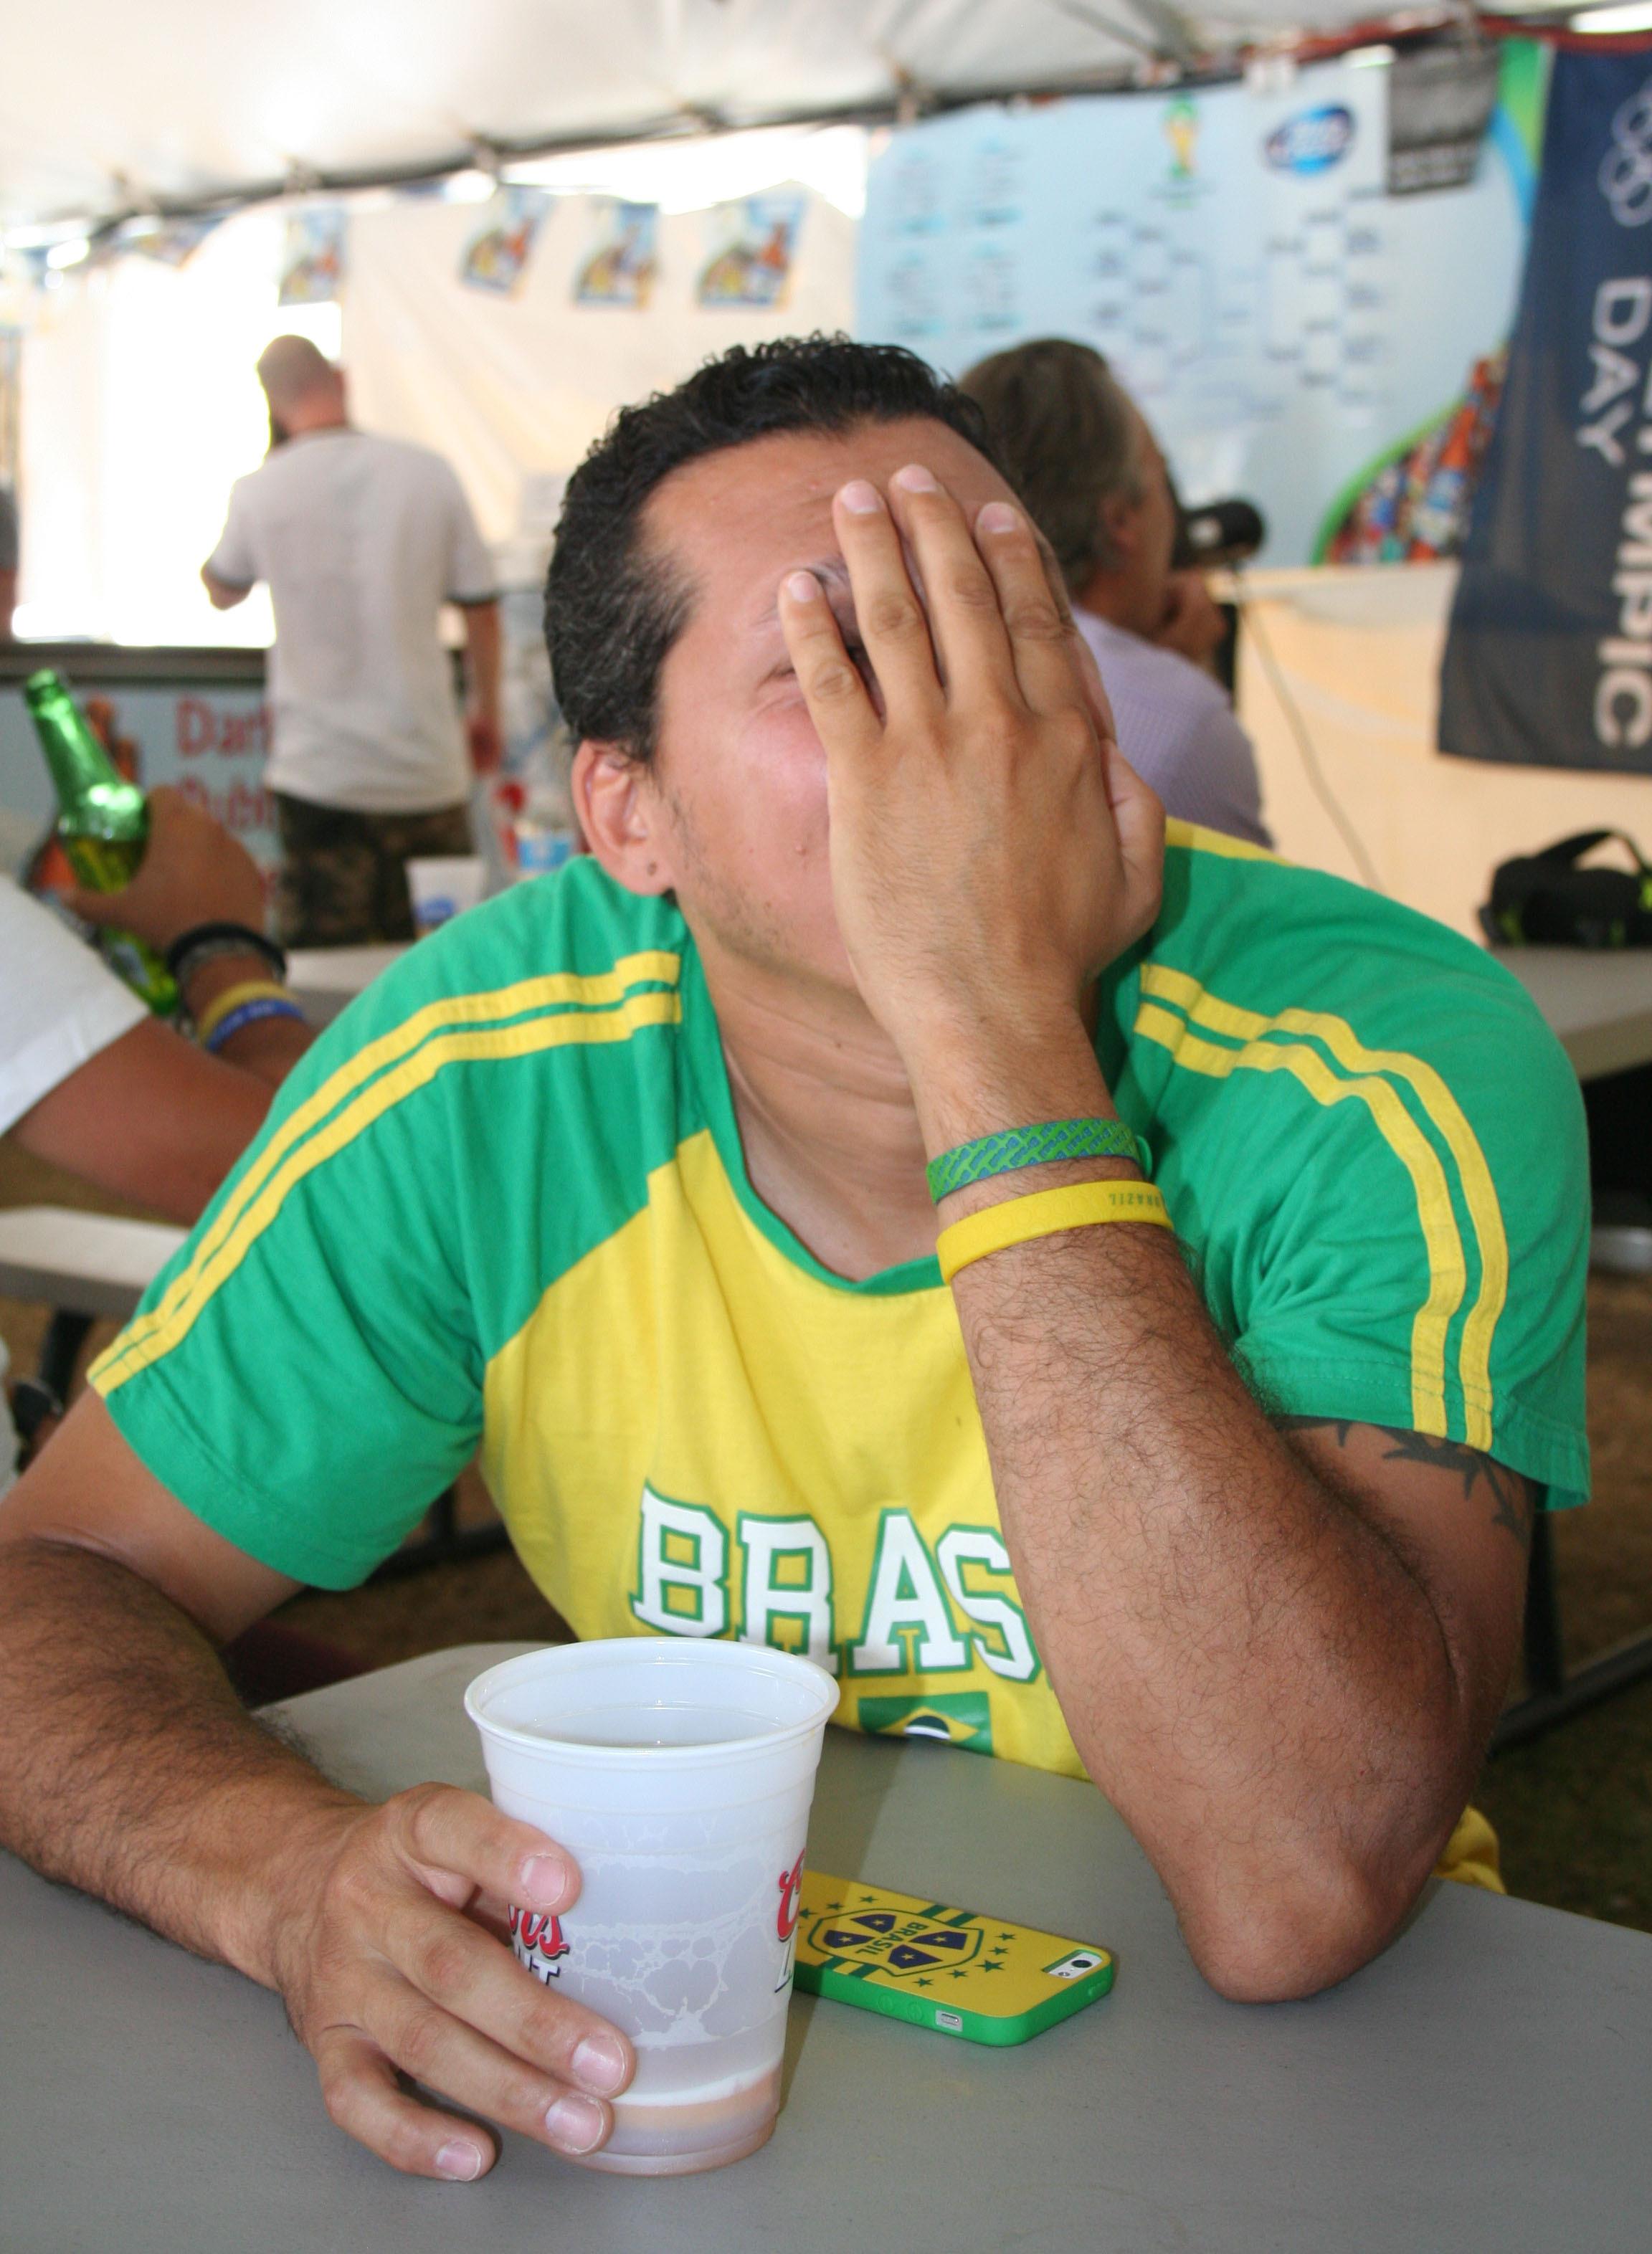 234be4ca5148bd5b6aa0_Brazil_fan_-_The_Agony_of_Defeat.jpg